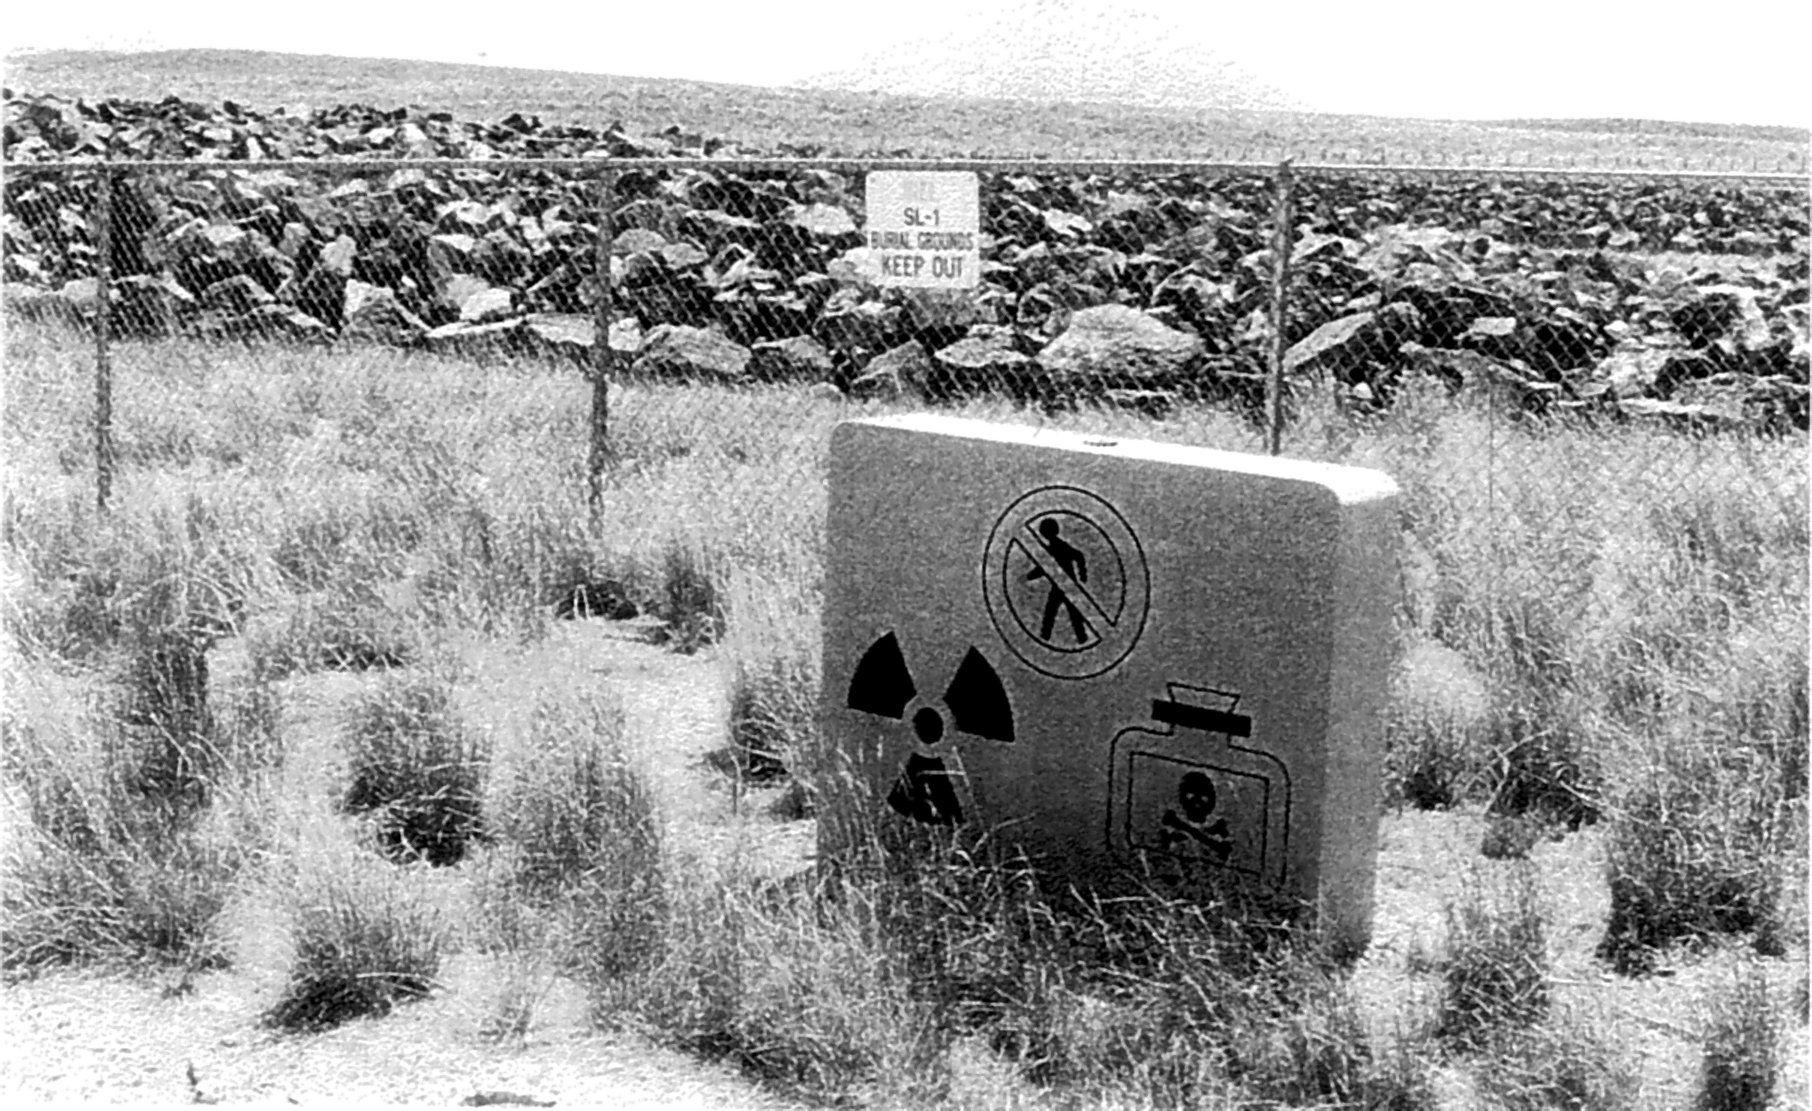 SL-1Burial - SL-1 - Wikipedia   Cold war   Pinterest